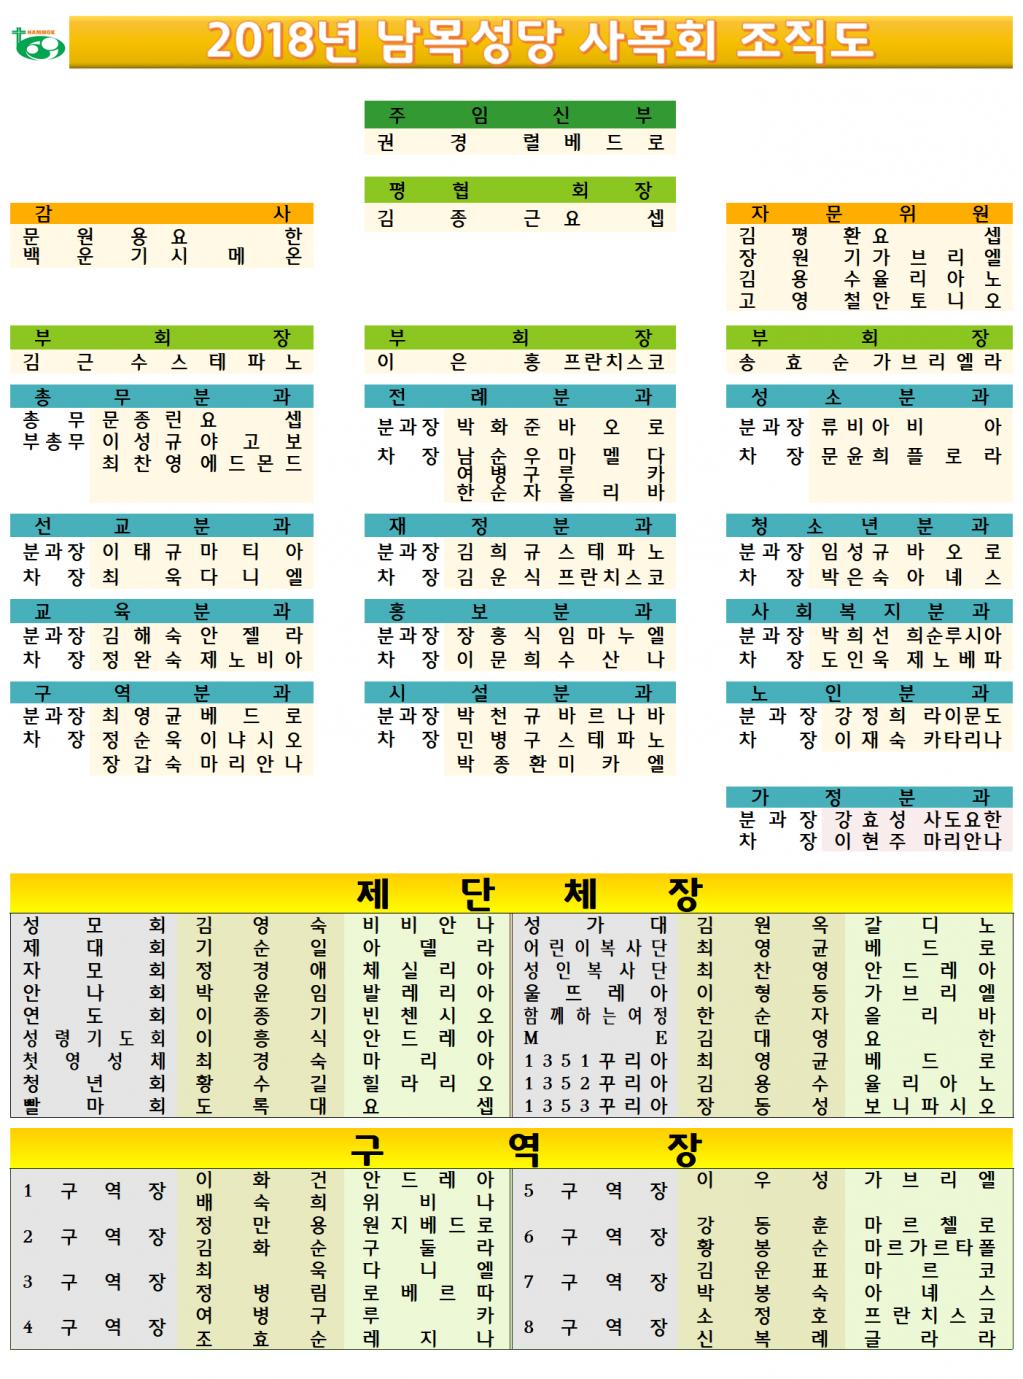 2018사목협의회조직표001.png